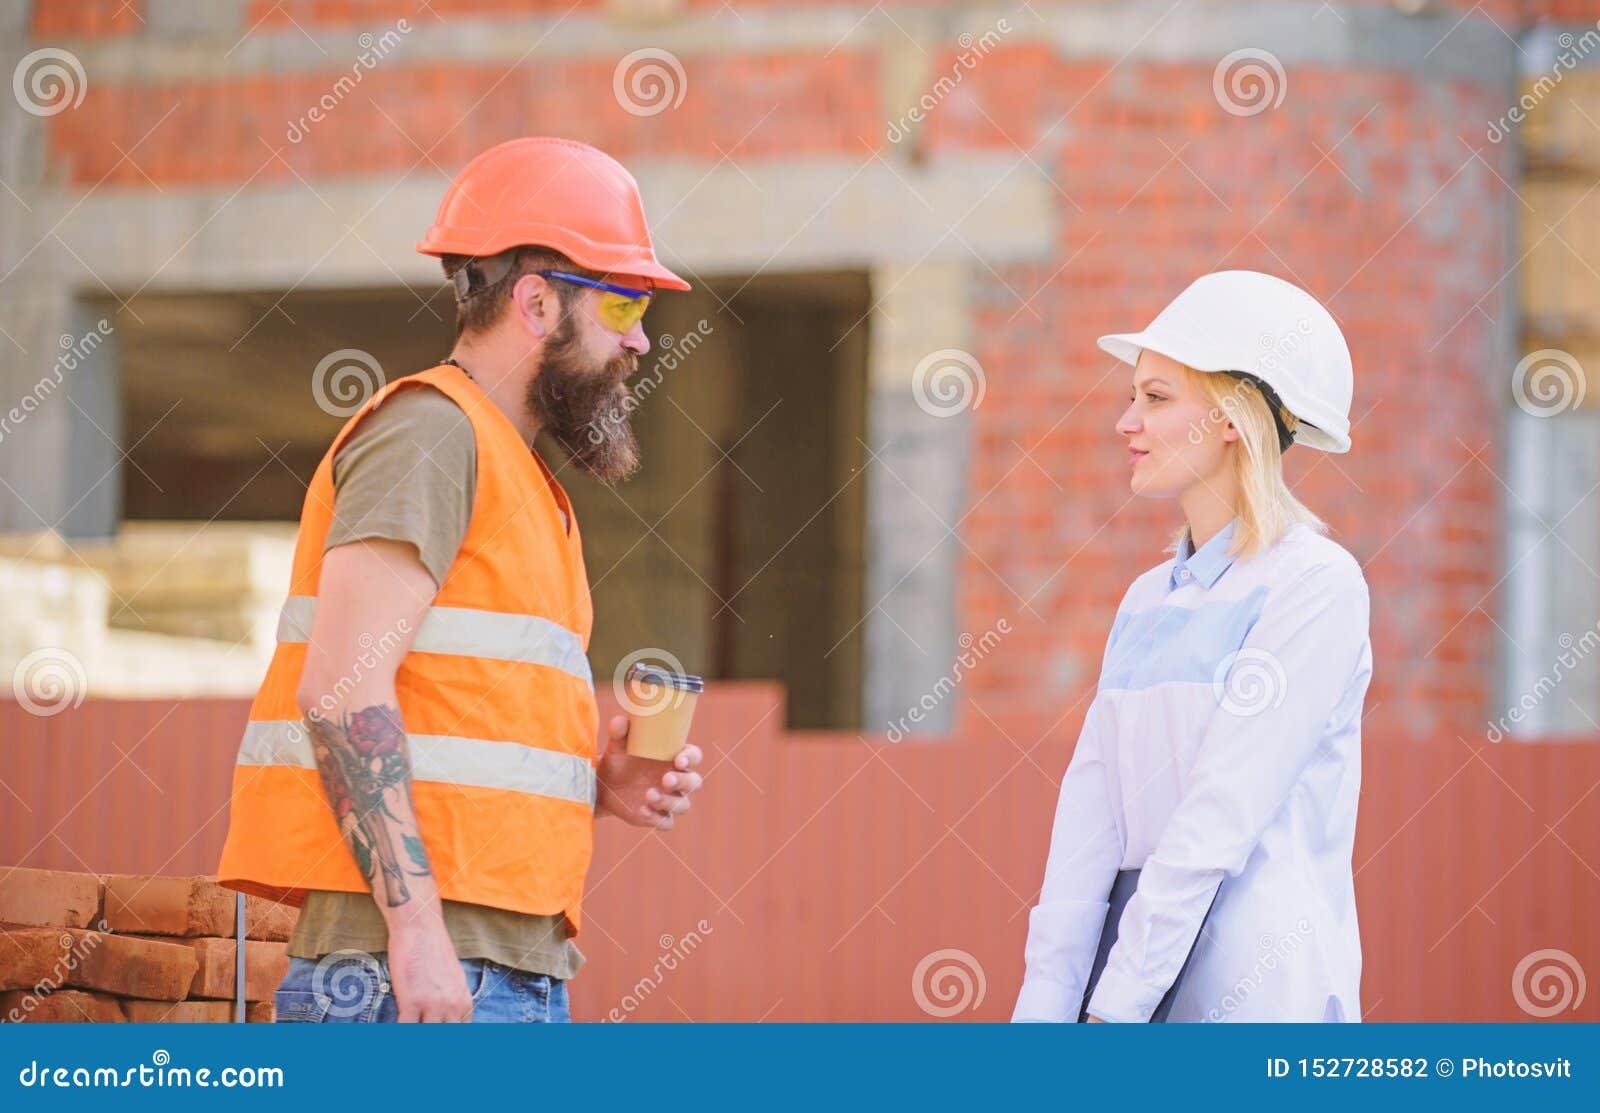 Relations entre les clients de construction et les participants de l industrie du b?timent Ing?nieur de femme et constructeur bru